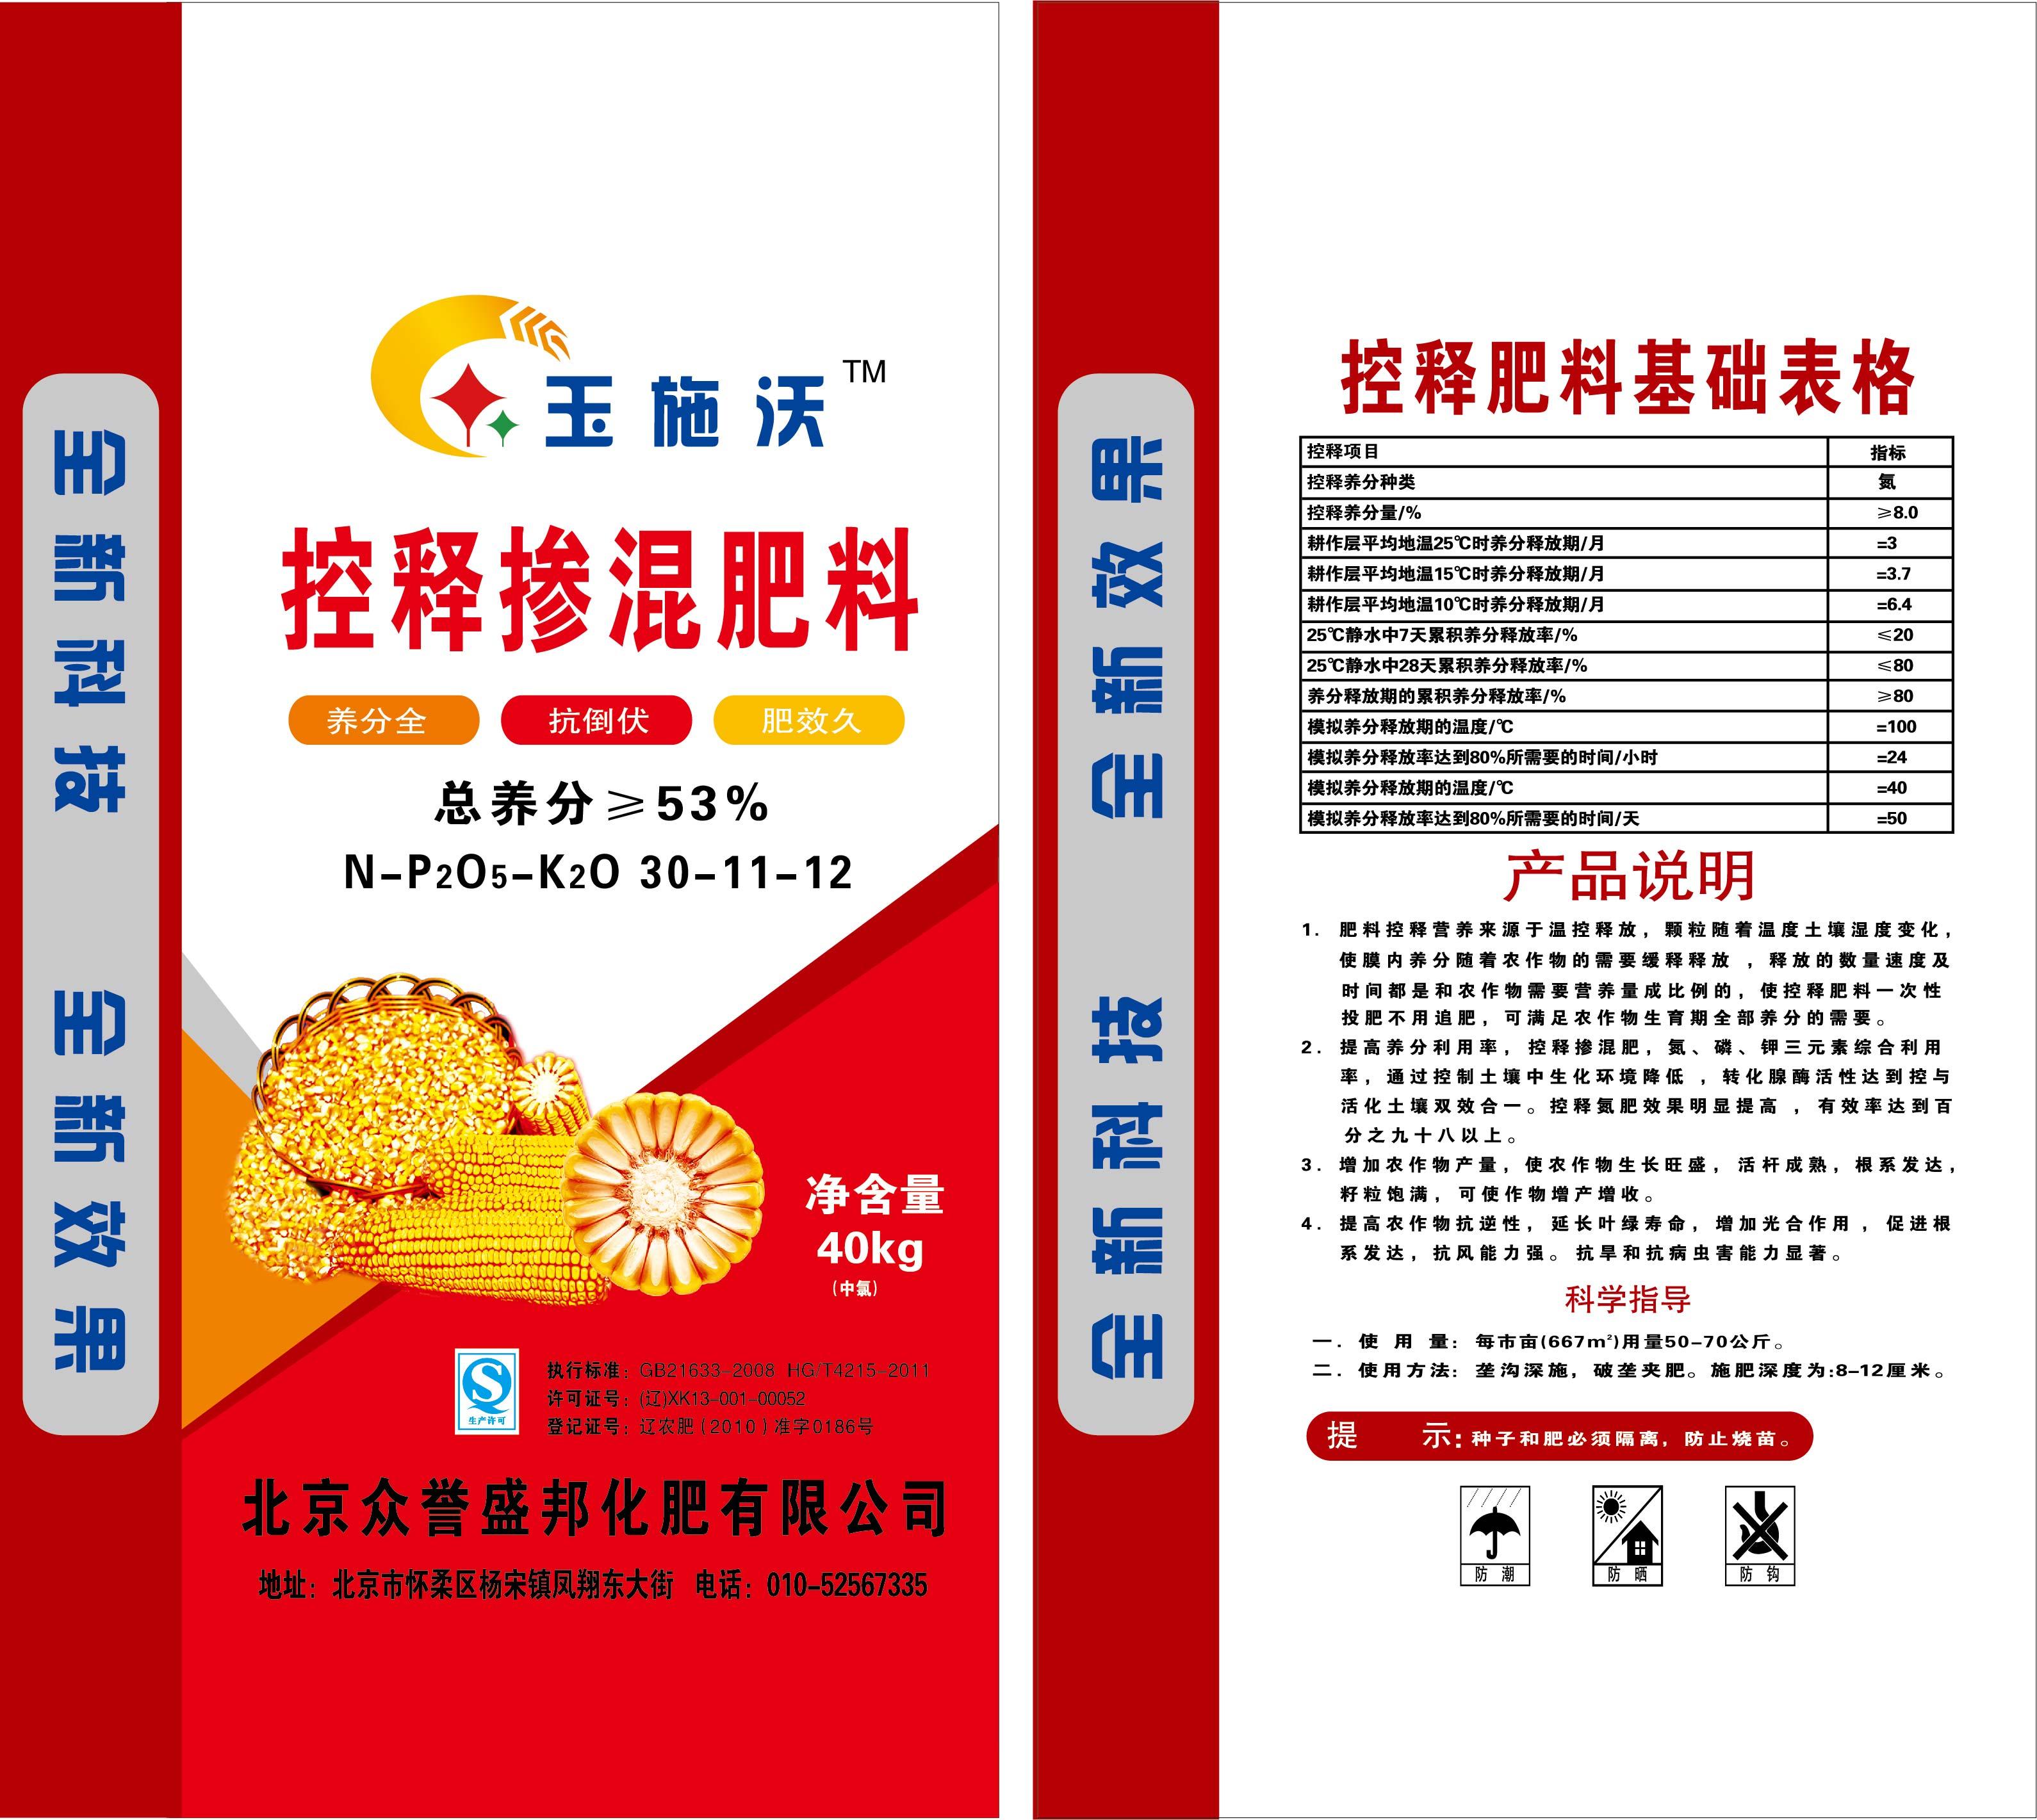 玉施沃掺混肥料 密植专用肥 薄膜缓释总养分大于或等于百分之53北京众誉盛邦化肥有限公司